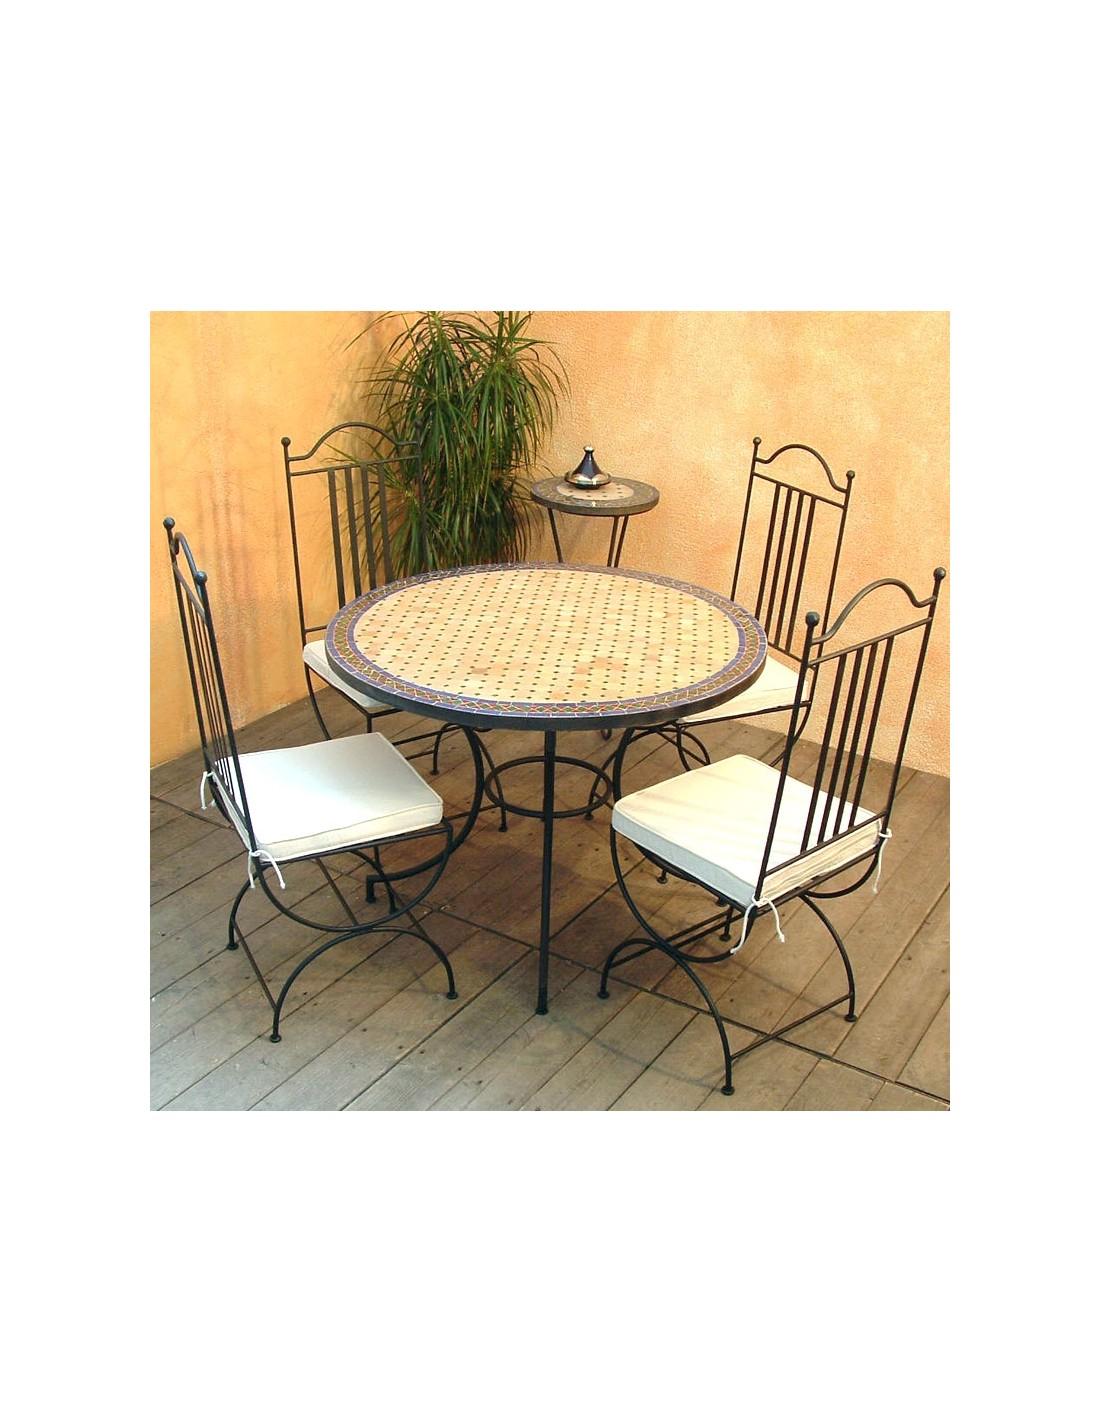 mosaiktisch jamal 100cm rund albena marokko galerie. Black Bedroom Furniture Sets. Home Design Ideas